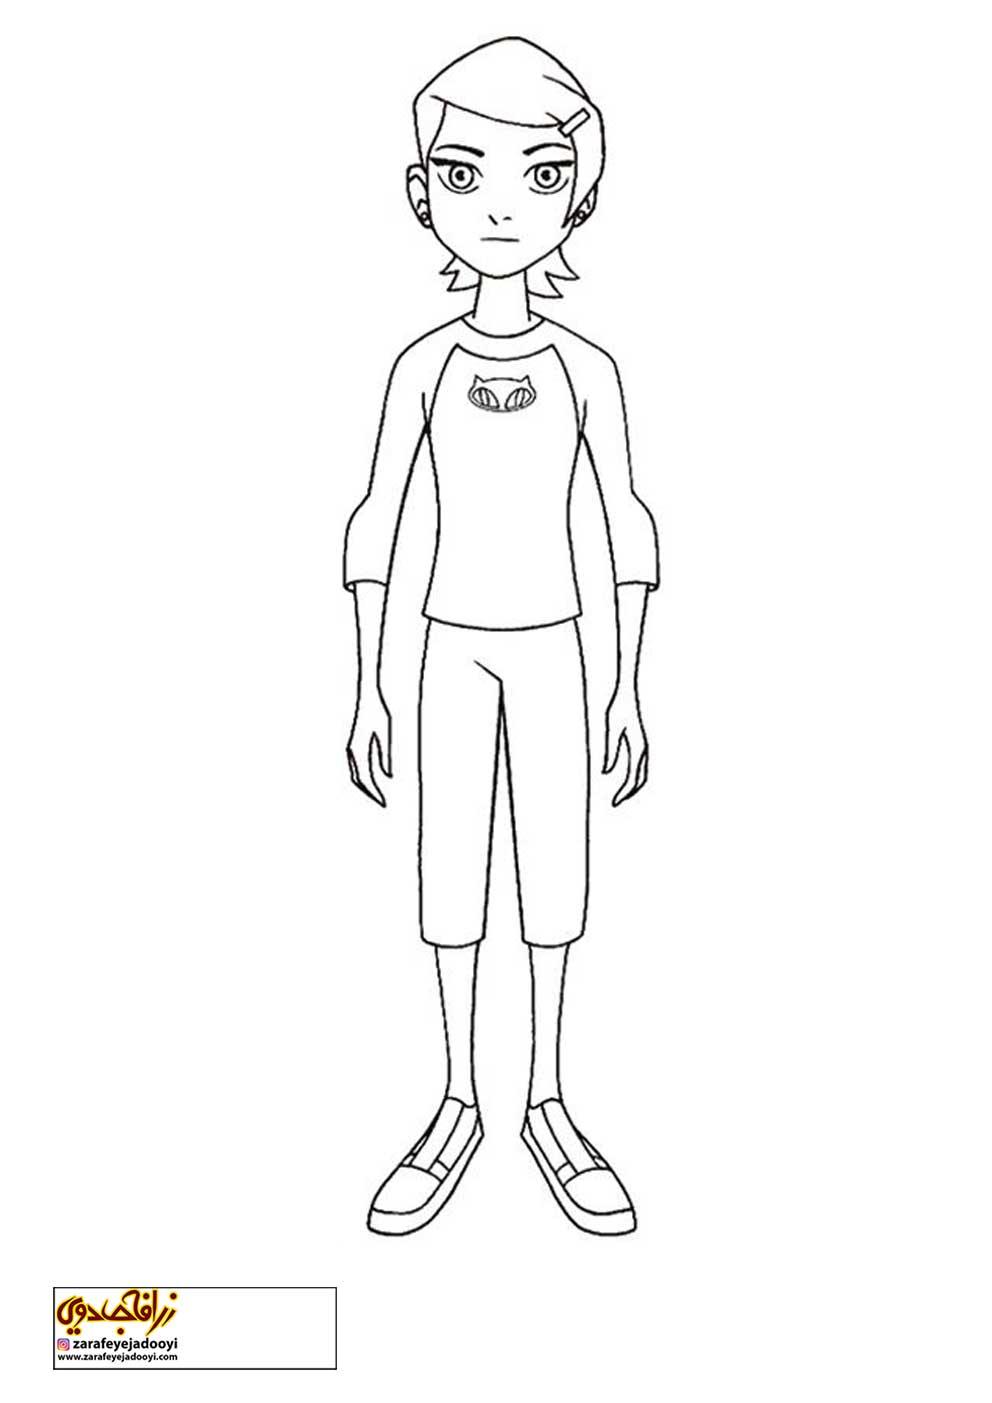 زرافه-جادویی-نقاشی-کارتون-بن-تن-31